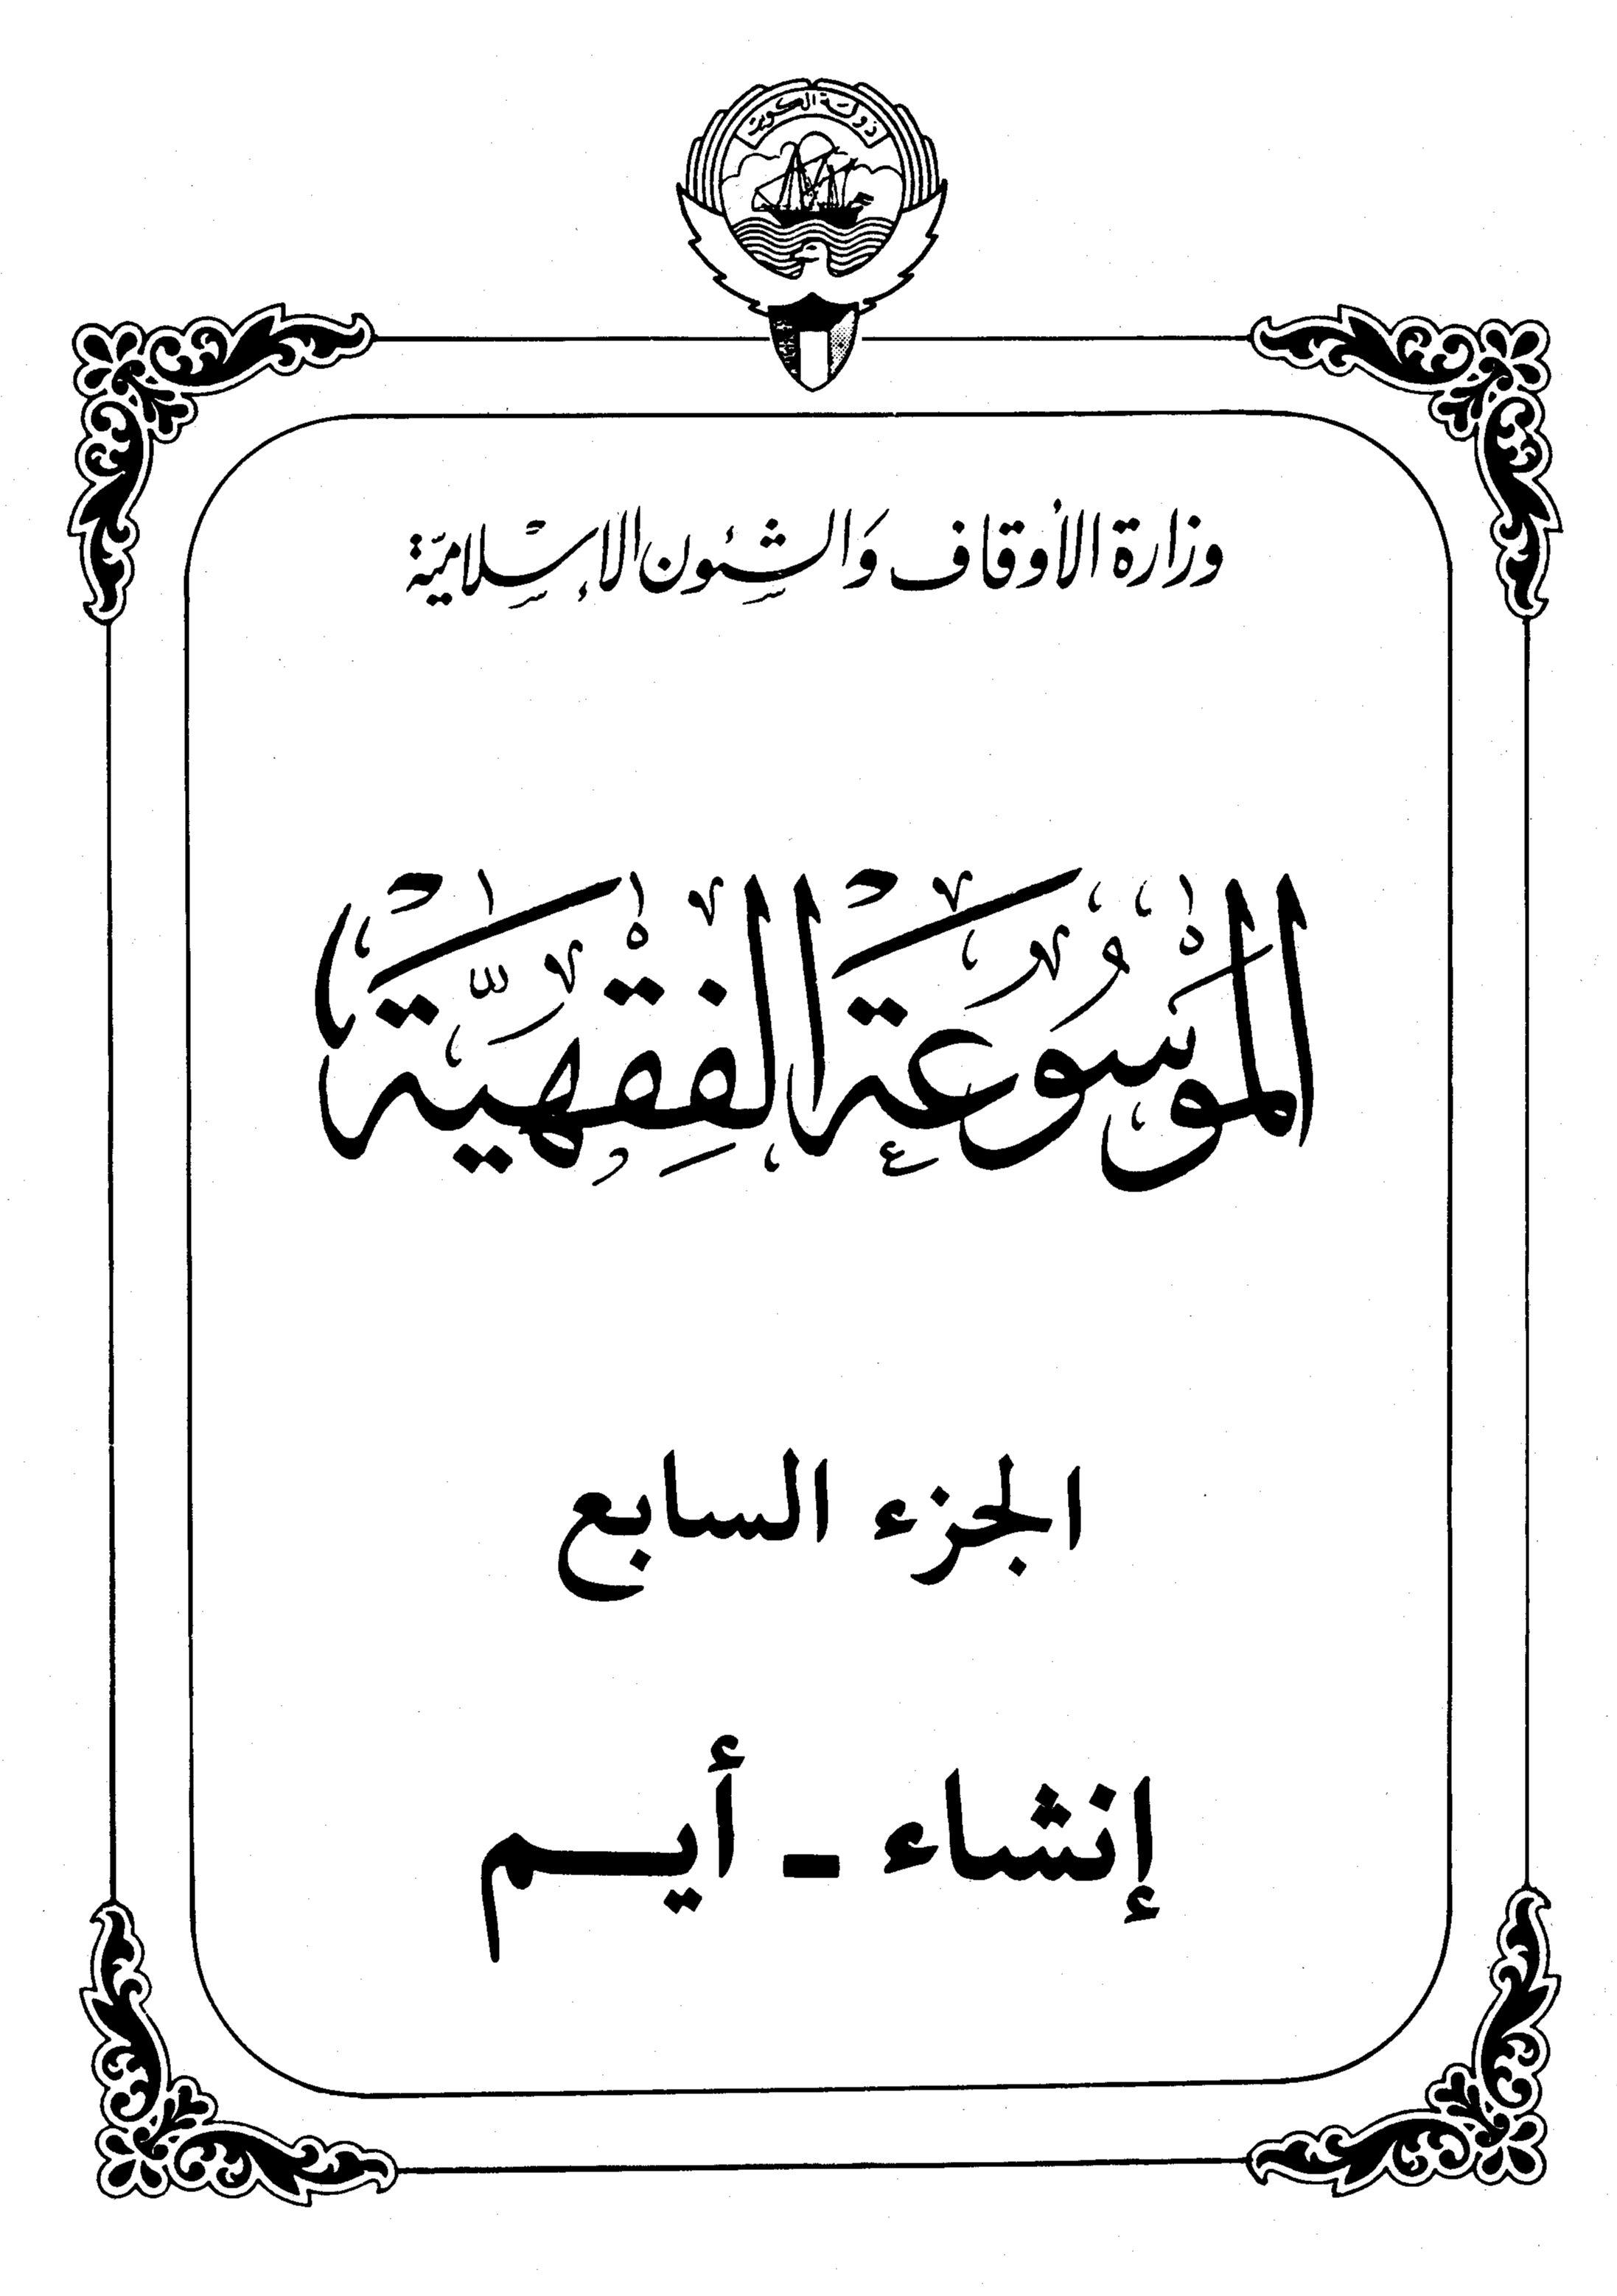 الموسوعة الفقهية الكويتية – الجزء السابع (إنشاء – أيم)